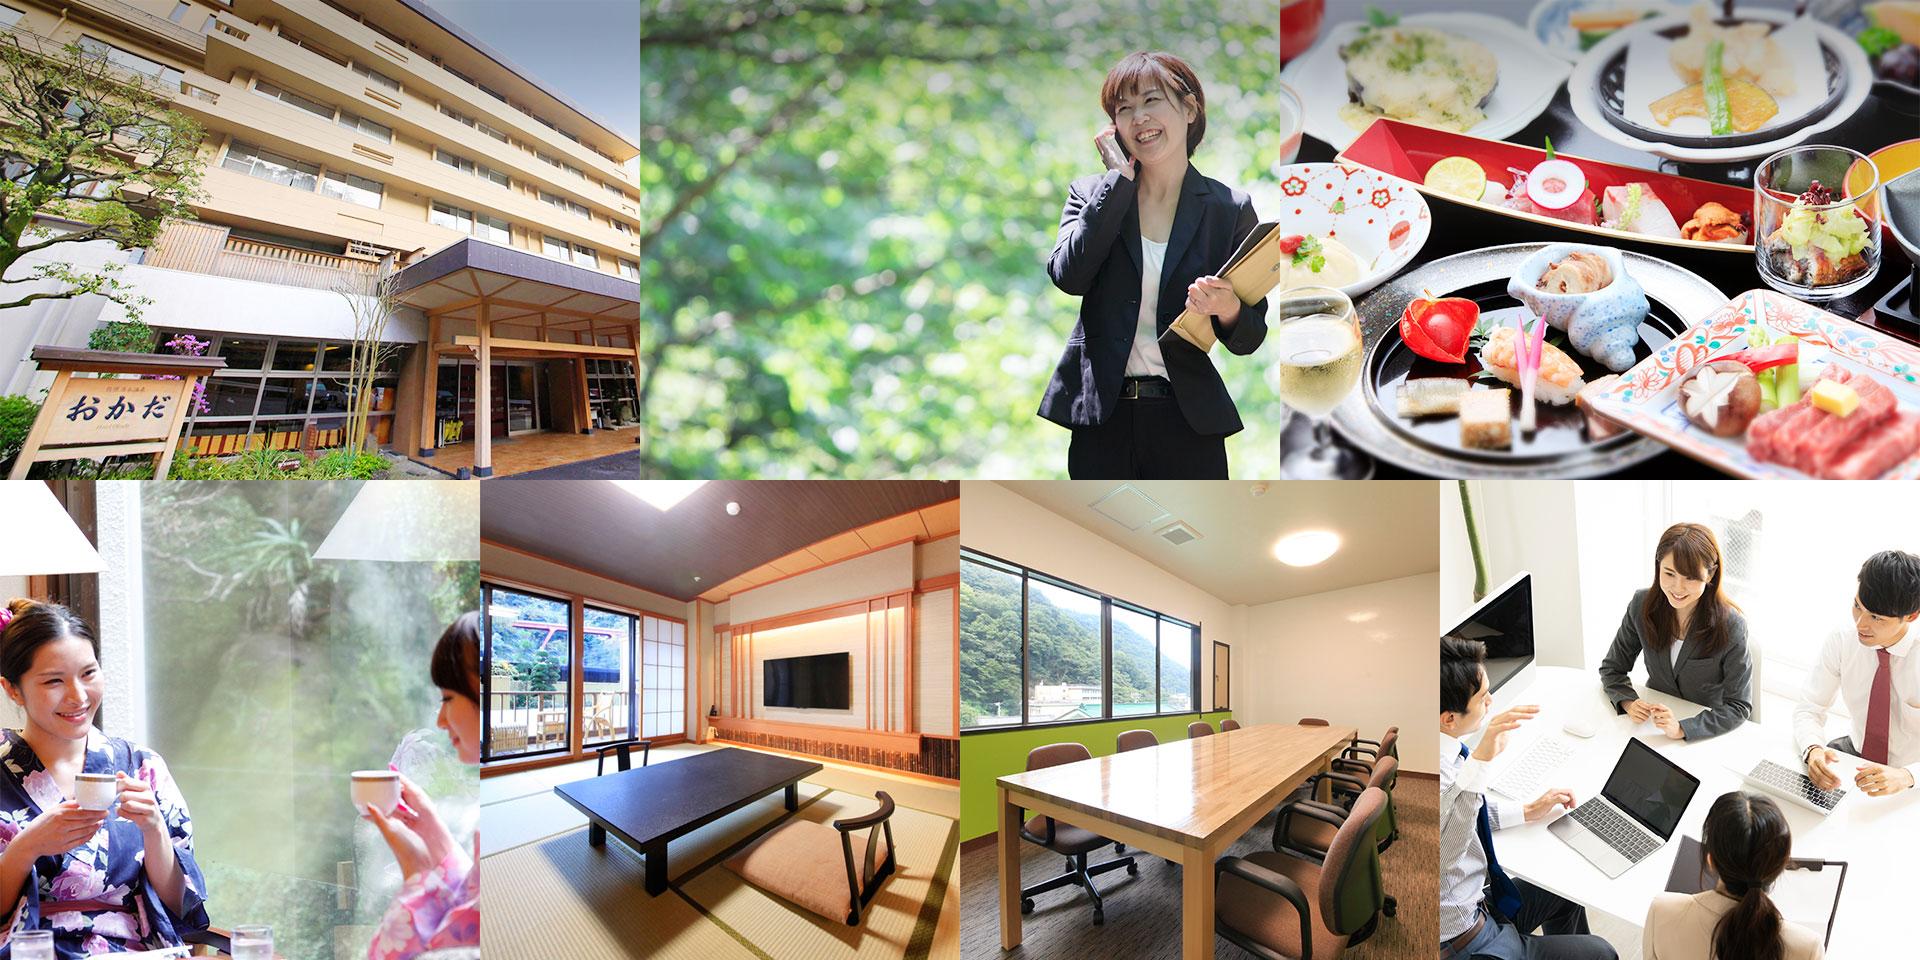 新宿からわずか73分 箱根湯本温泉リゾートミーティング 都会の喧騒を離れ、有意義な研修会議を